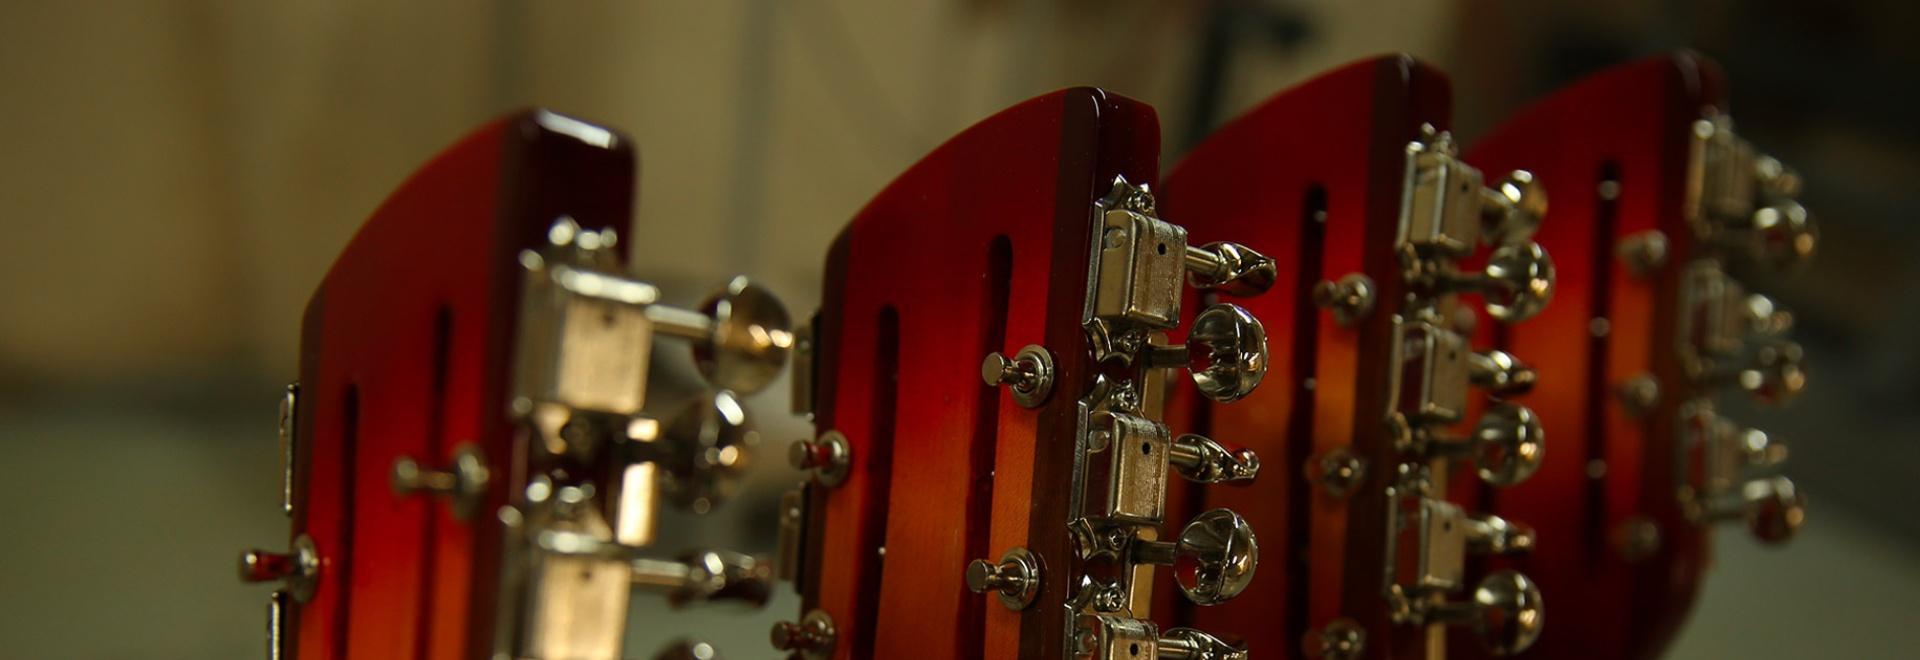 La chitarra elettrica